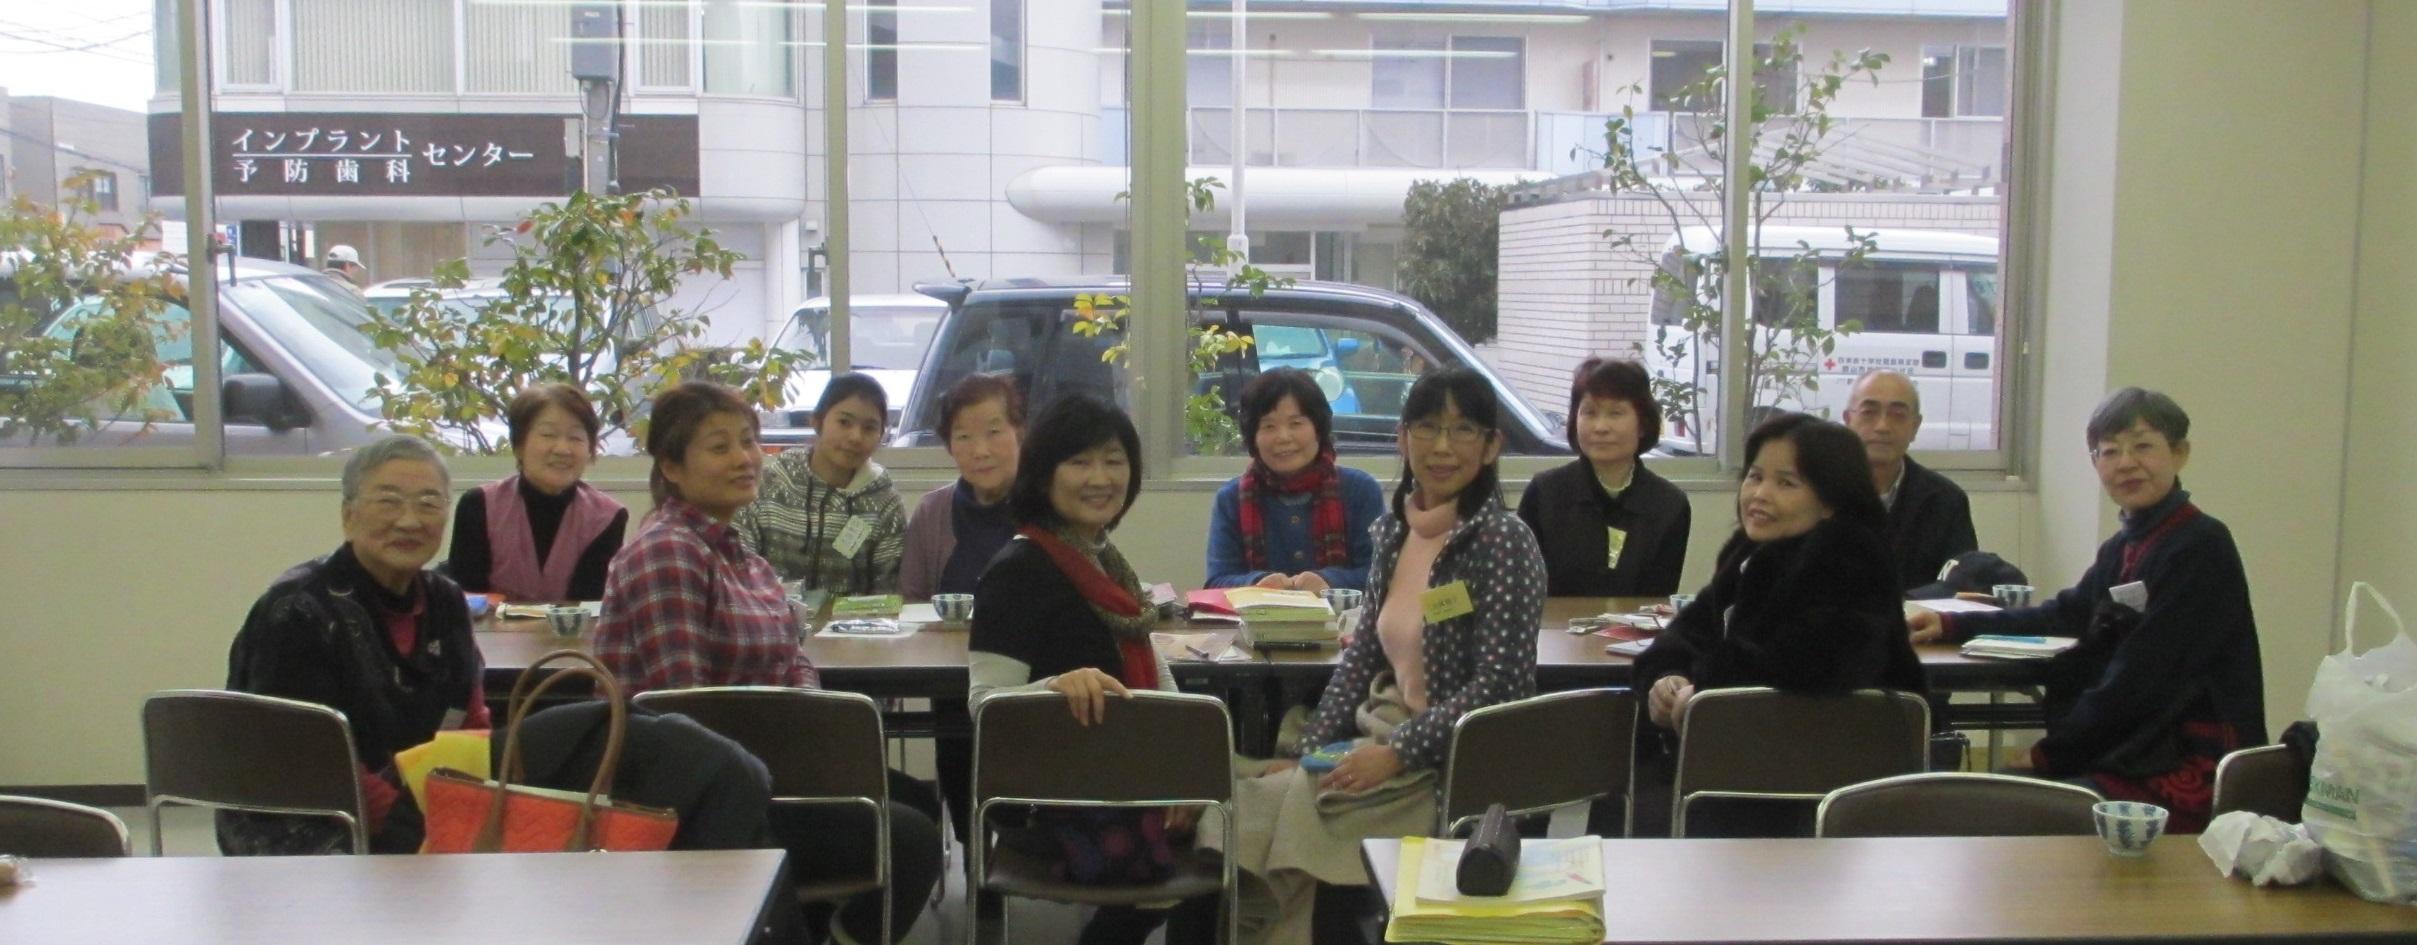 今月の日本語教室イメージ